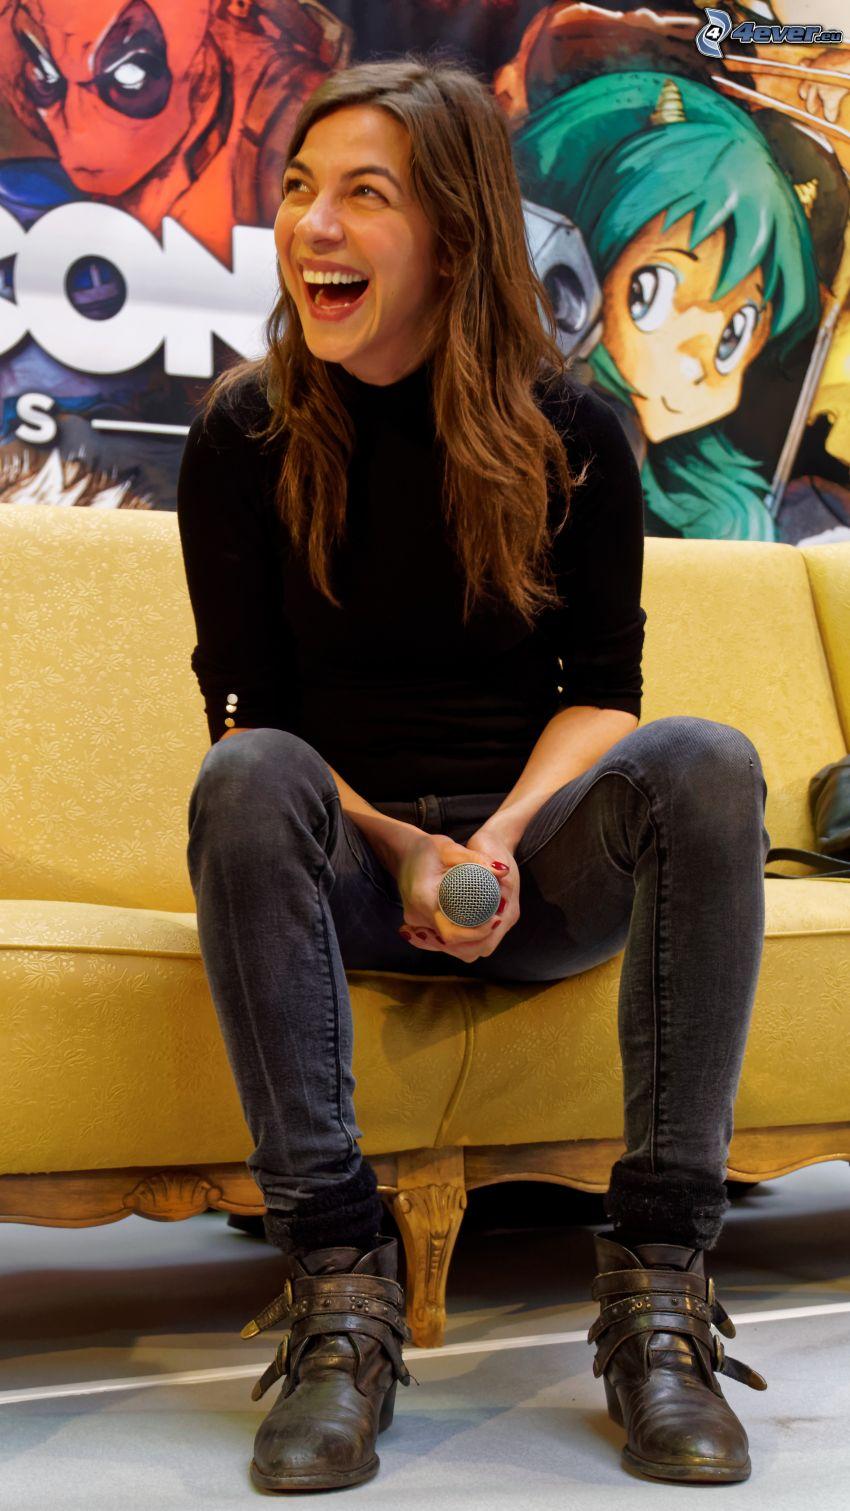 Natalia Tena, śmiech, mikrofon